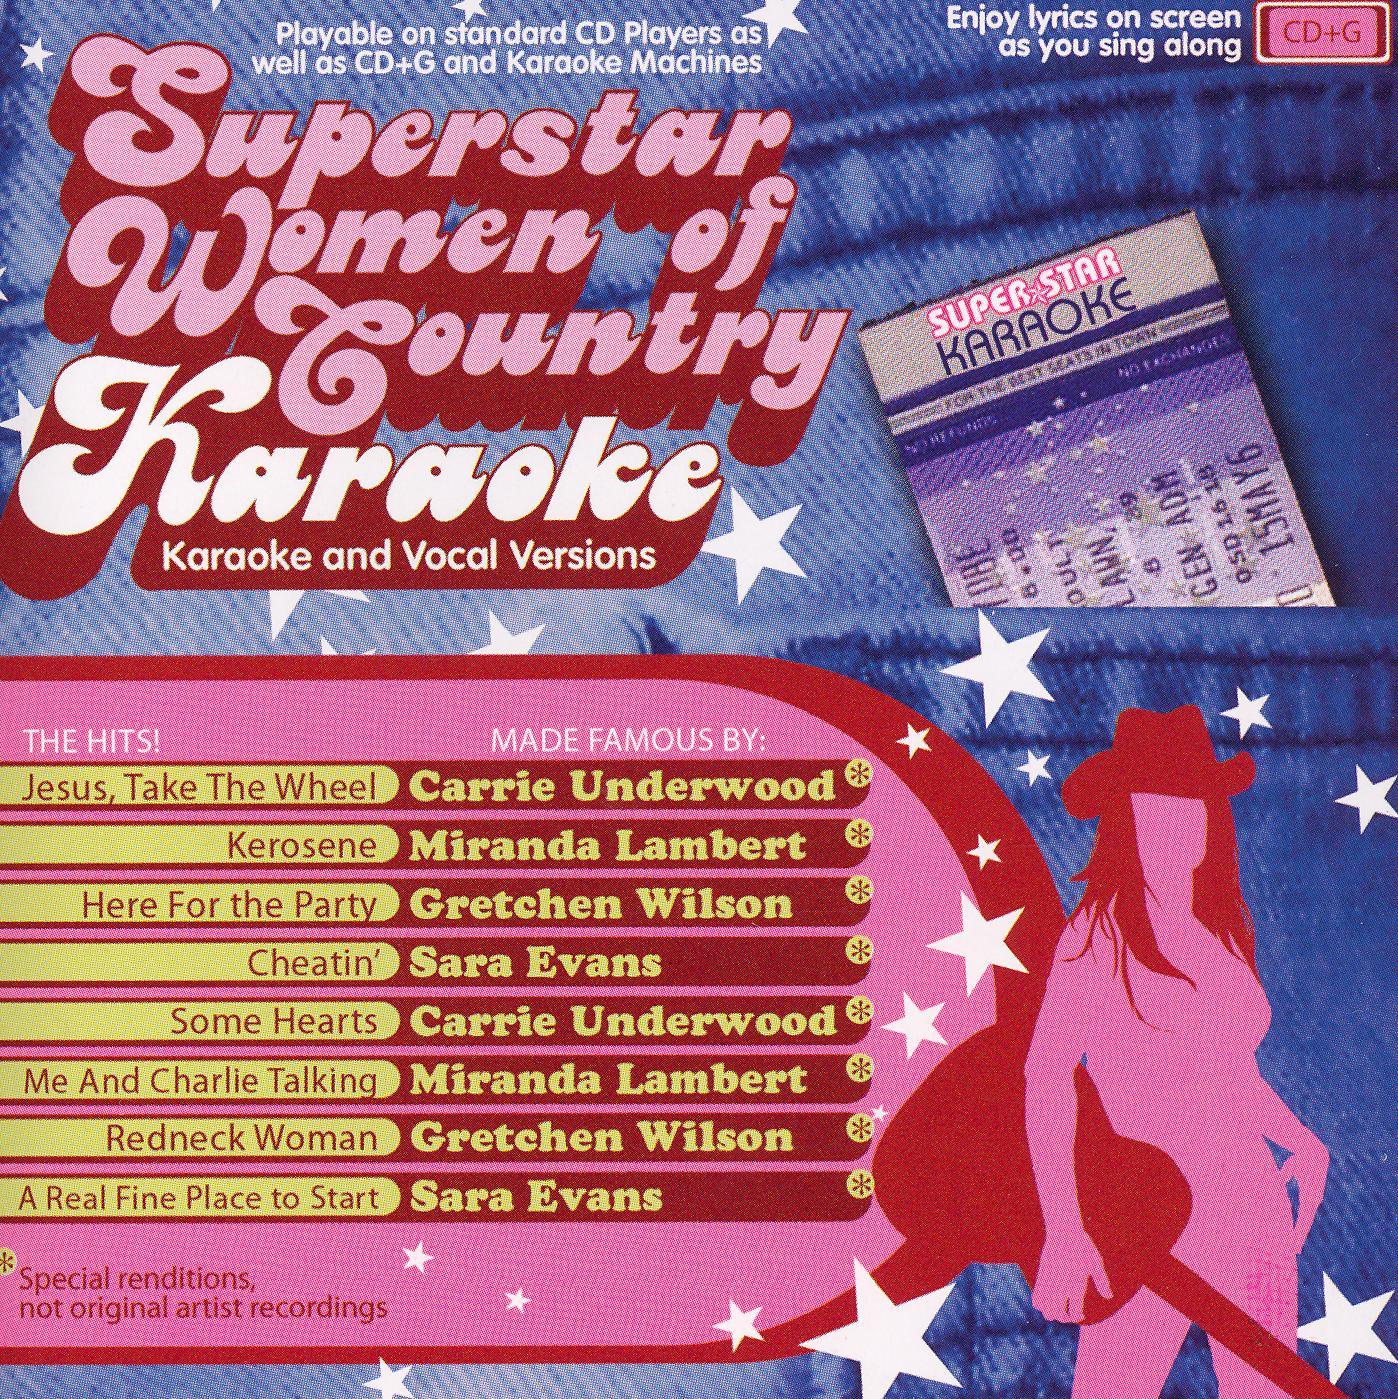 Superstar Women of Country: Karaoke